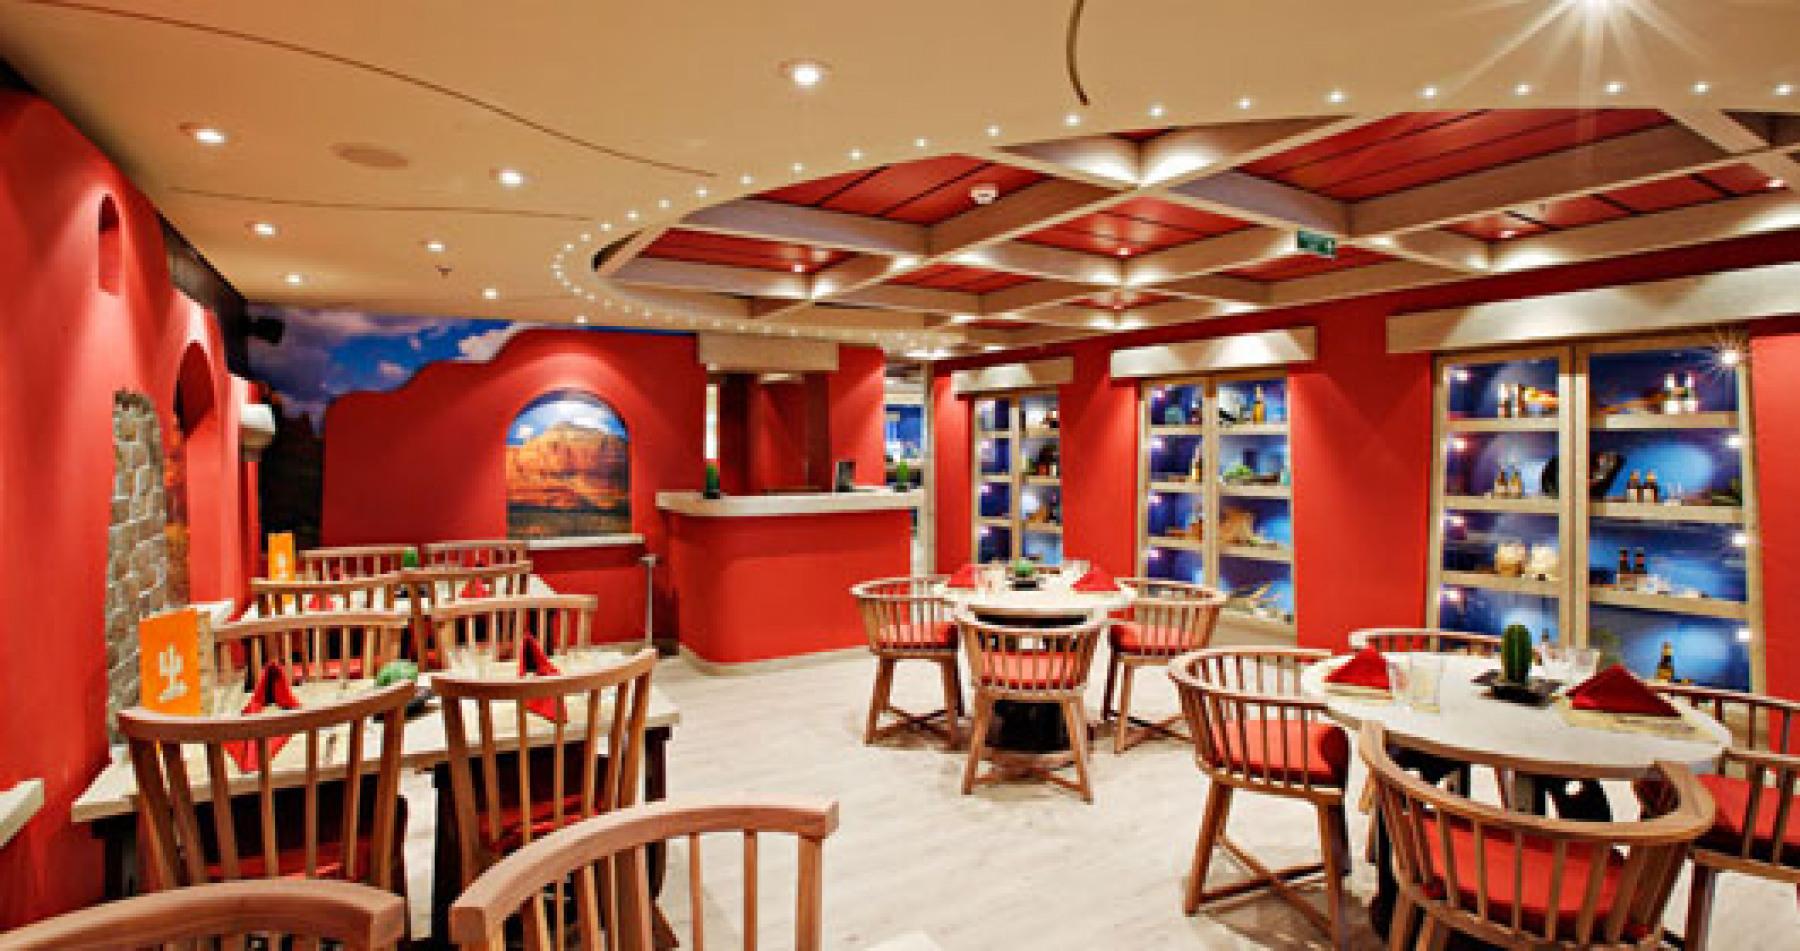 MSC Cruises Fantasia Class Splendida Santa Fe pg.jpg